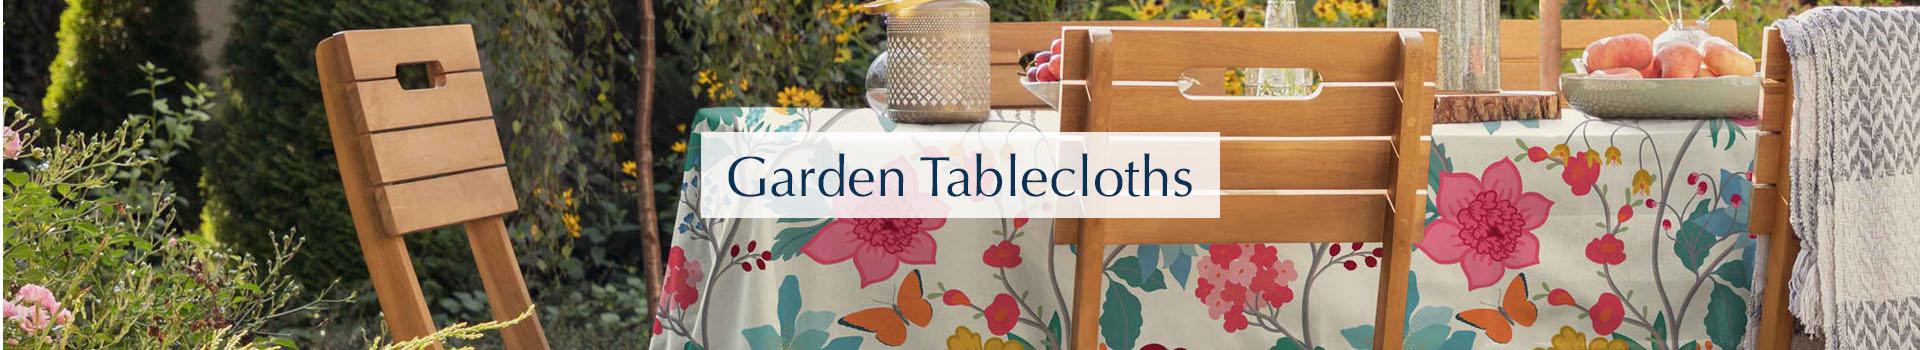 garden-tablecloths-2.jpg